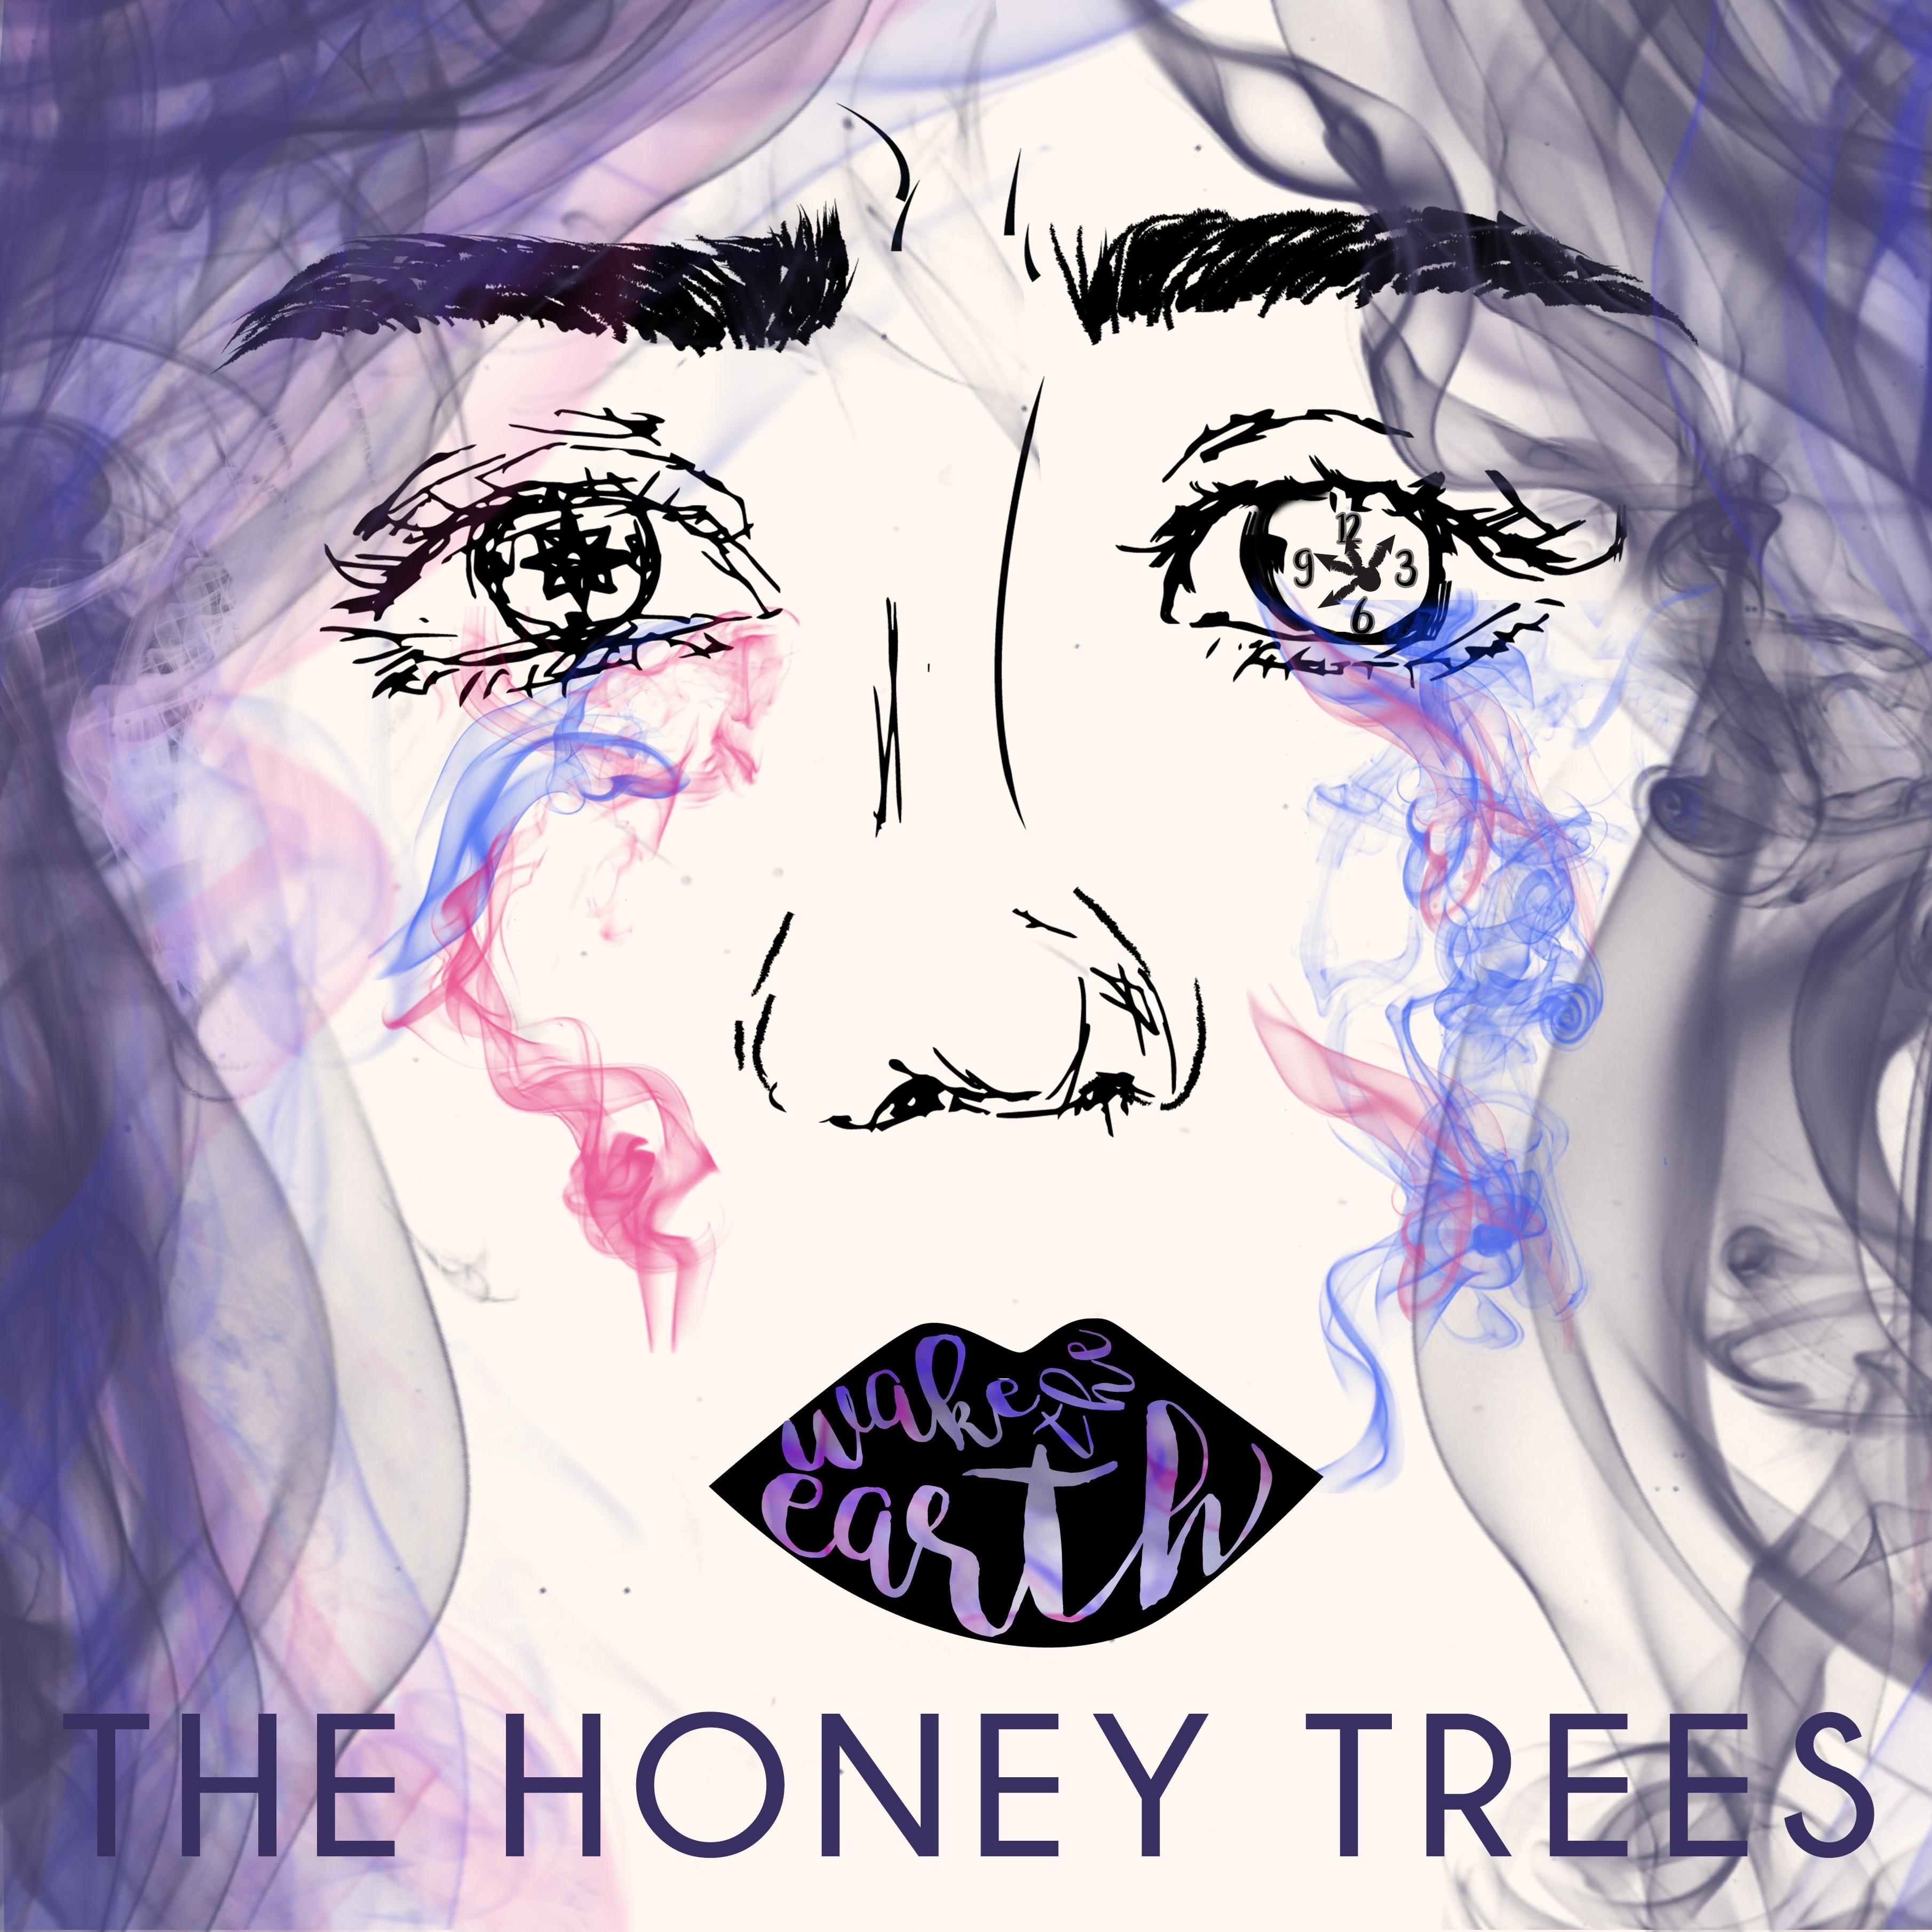 THE HONEY TREES